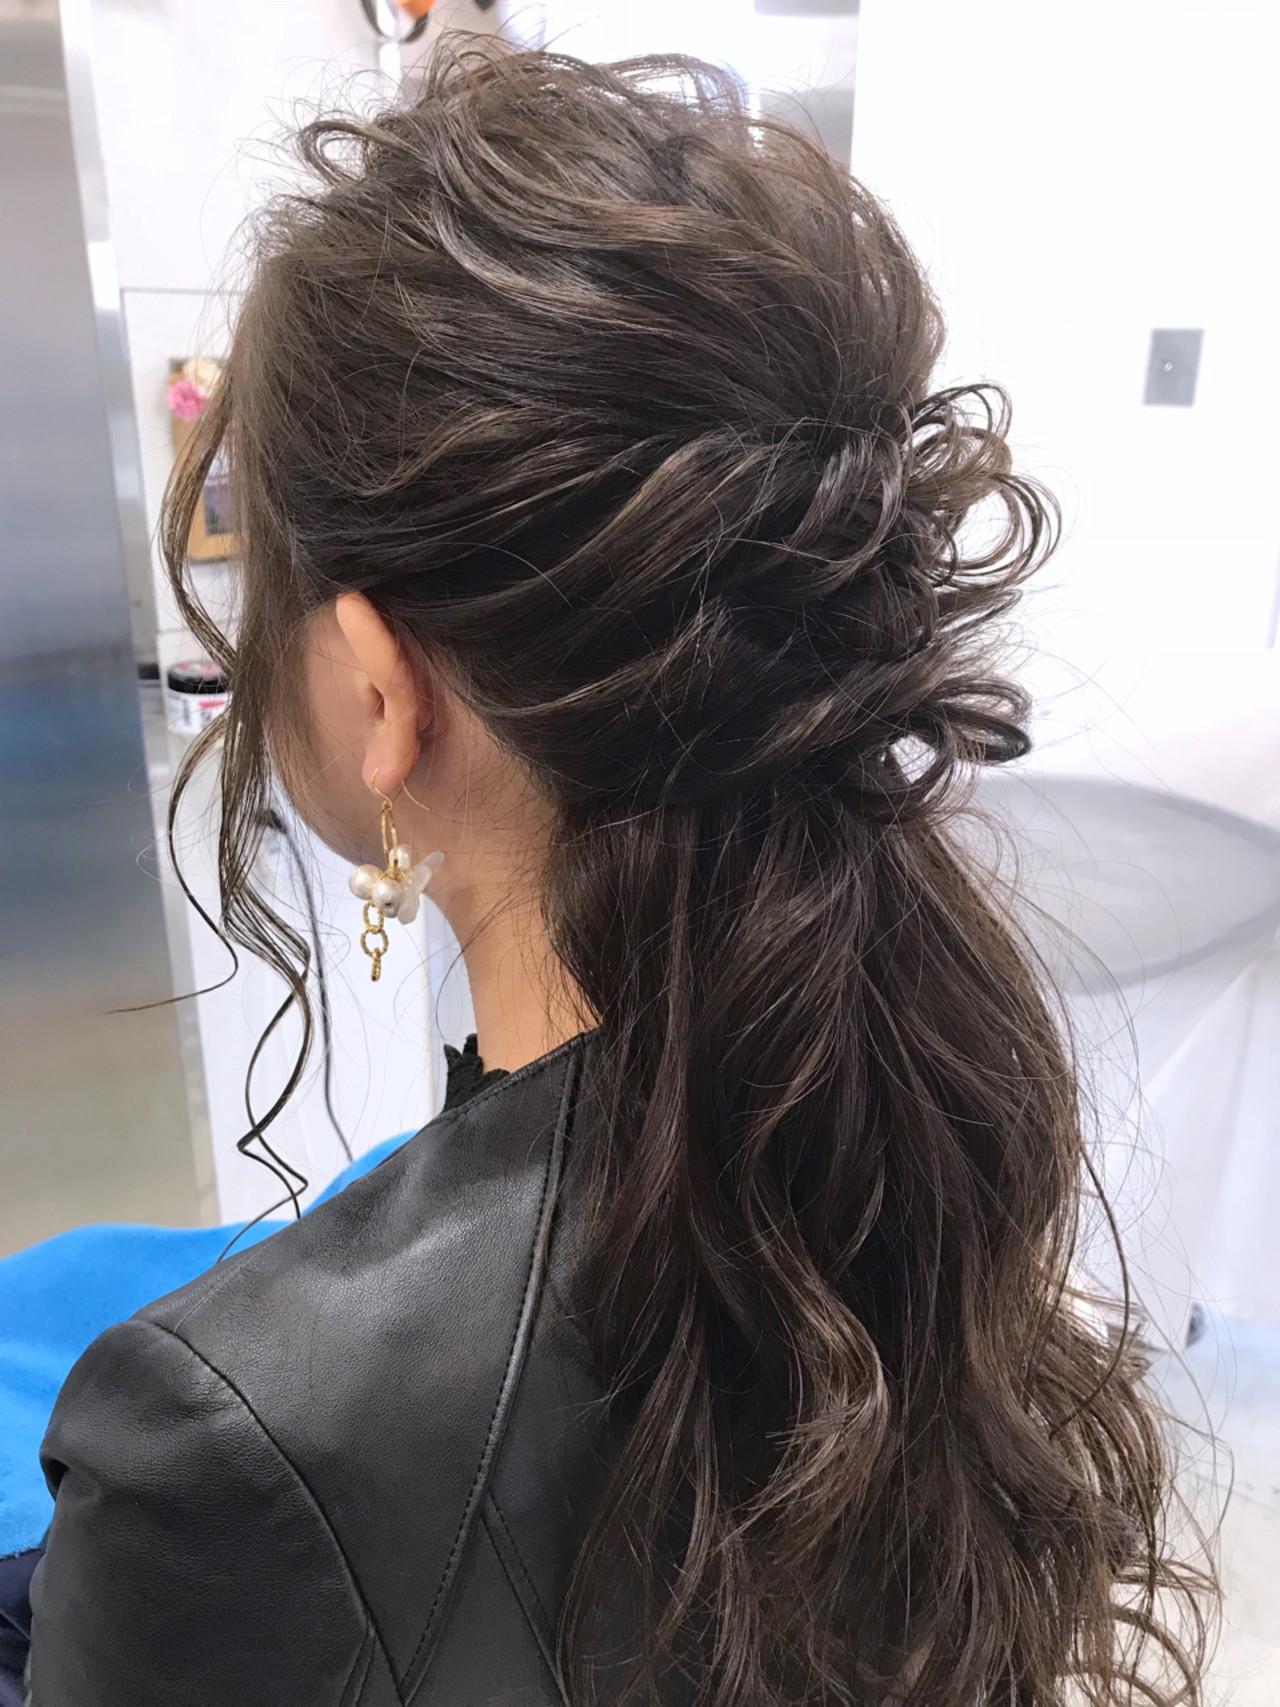 ロング ゆるふわ ハーフアップ 簡単ヘアアレンジ ヘアスタイルや髪型の写真・画像 | 村西 郁人 / rue